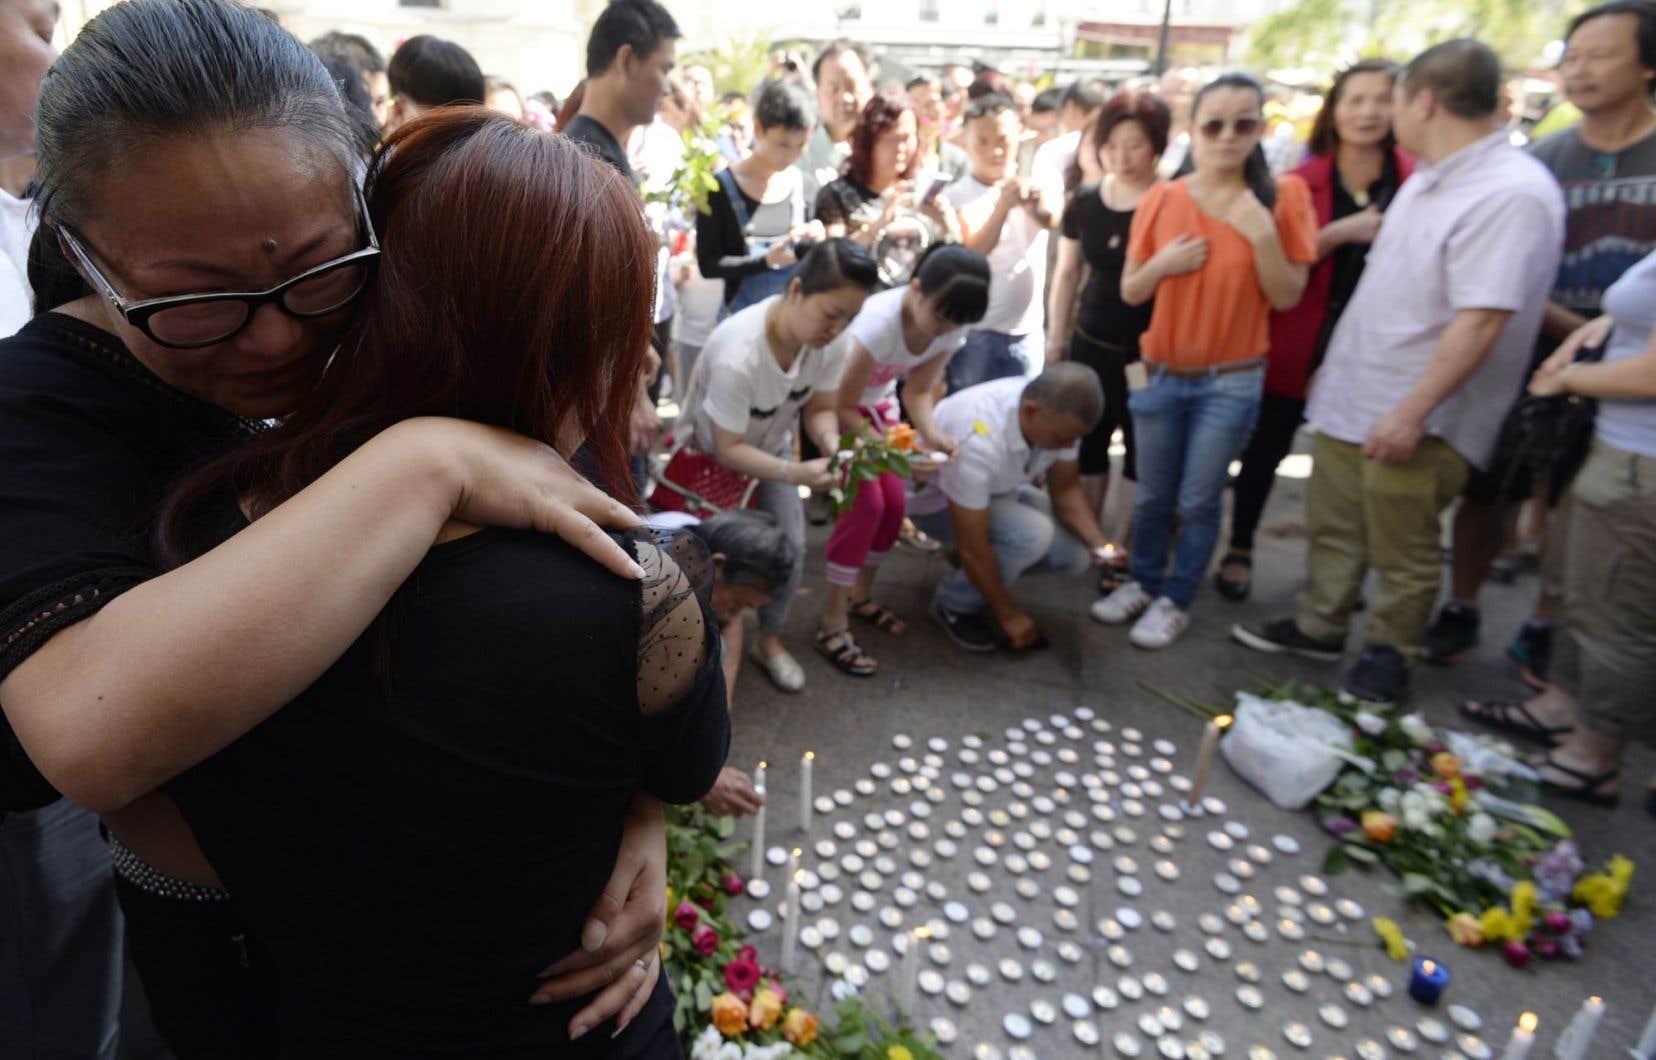 Les manifestants sont venus déposer fleurs et bougies devant l'hôtel de ville en hommage à Zhang Chaolin, 49ans, père de deux enfants, mort vendredi après cinq jours de coma.